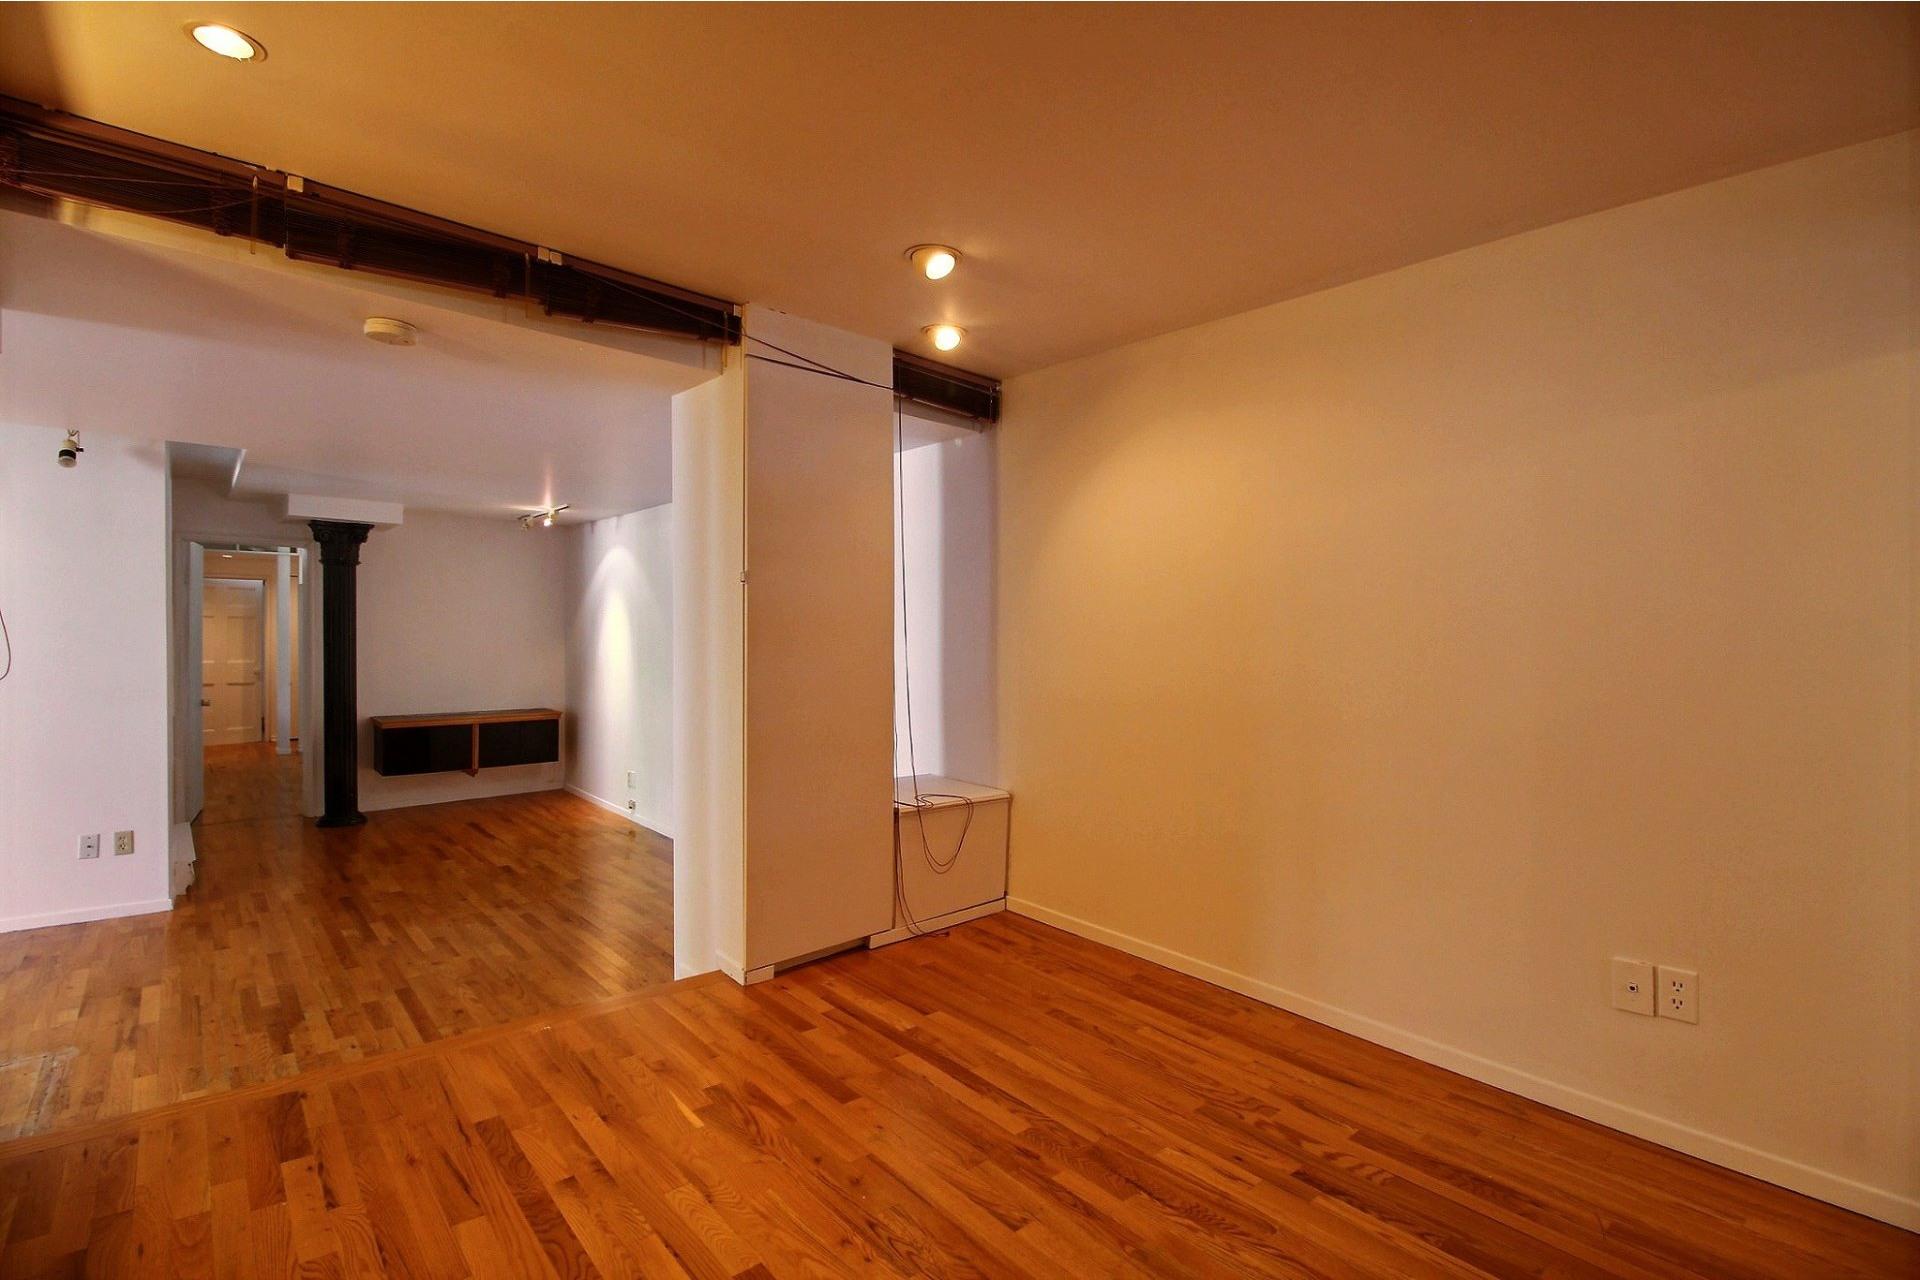 image 11 - Appartement À vendre Le Plateau-Mont-Royal Montréal  - 5 pièces